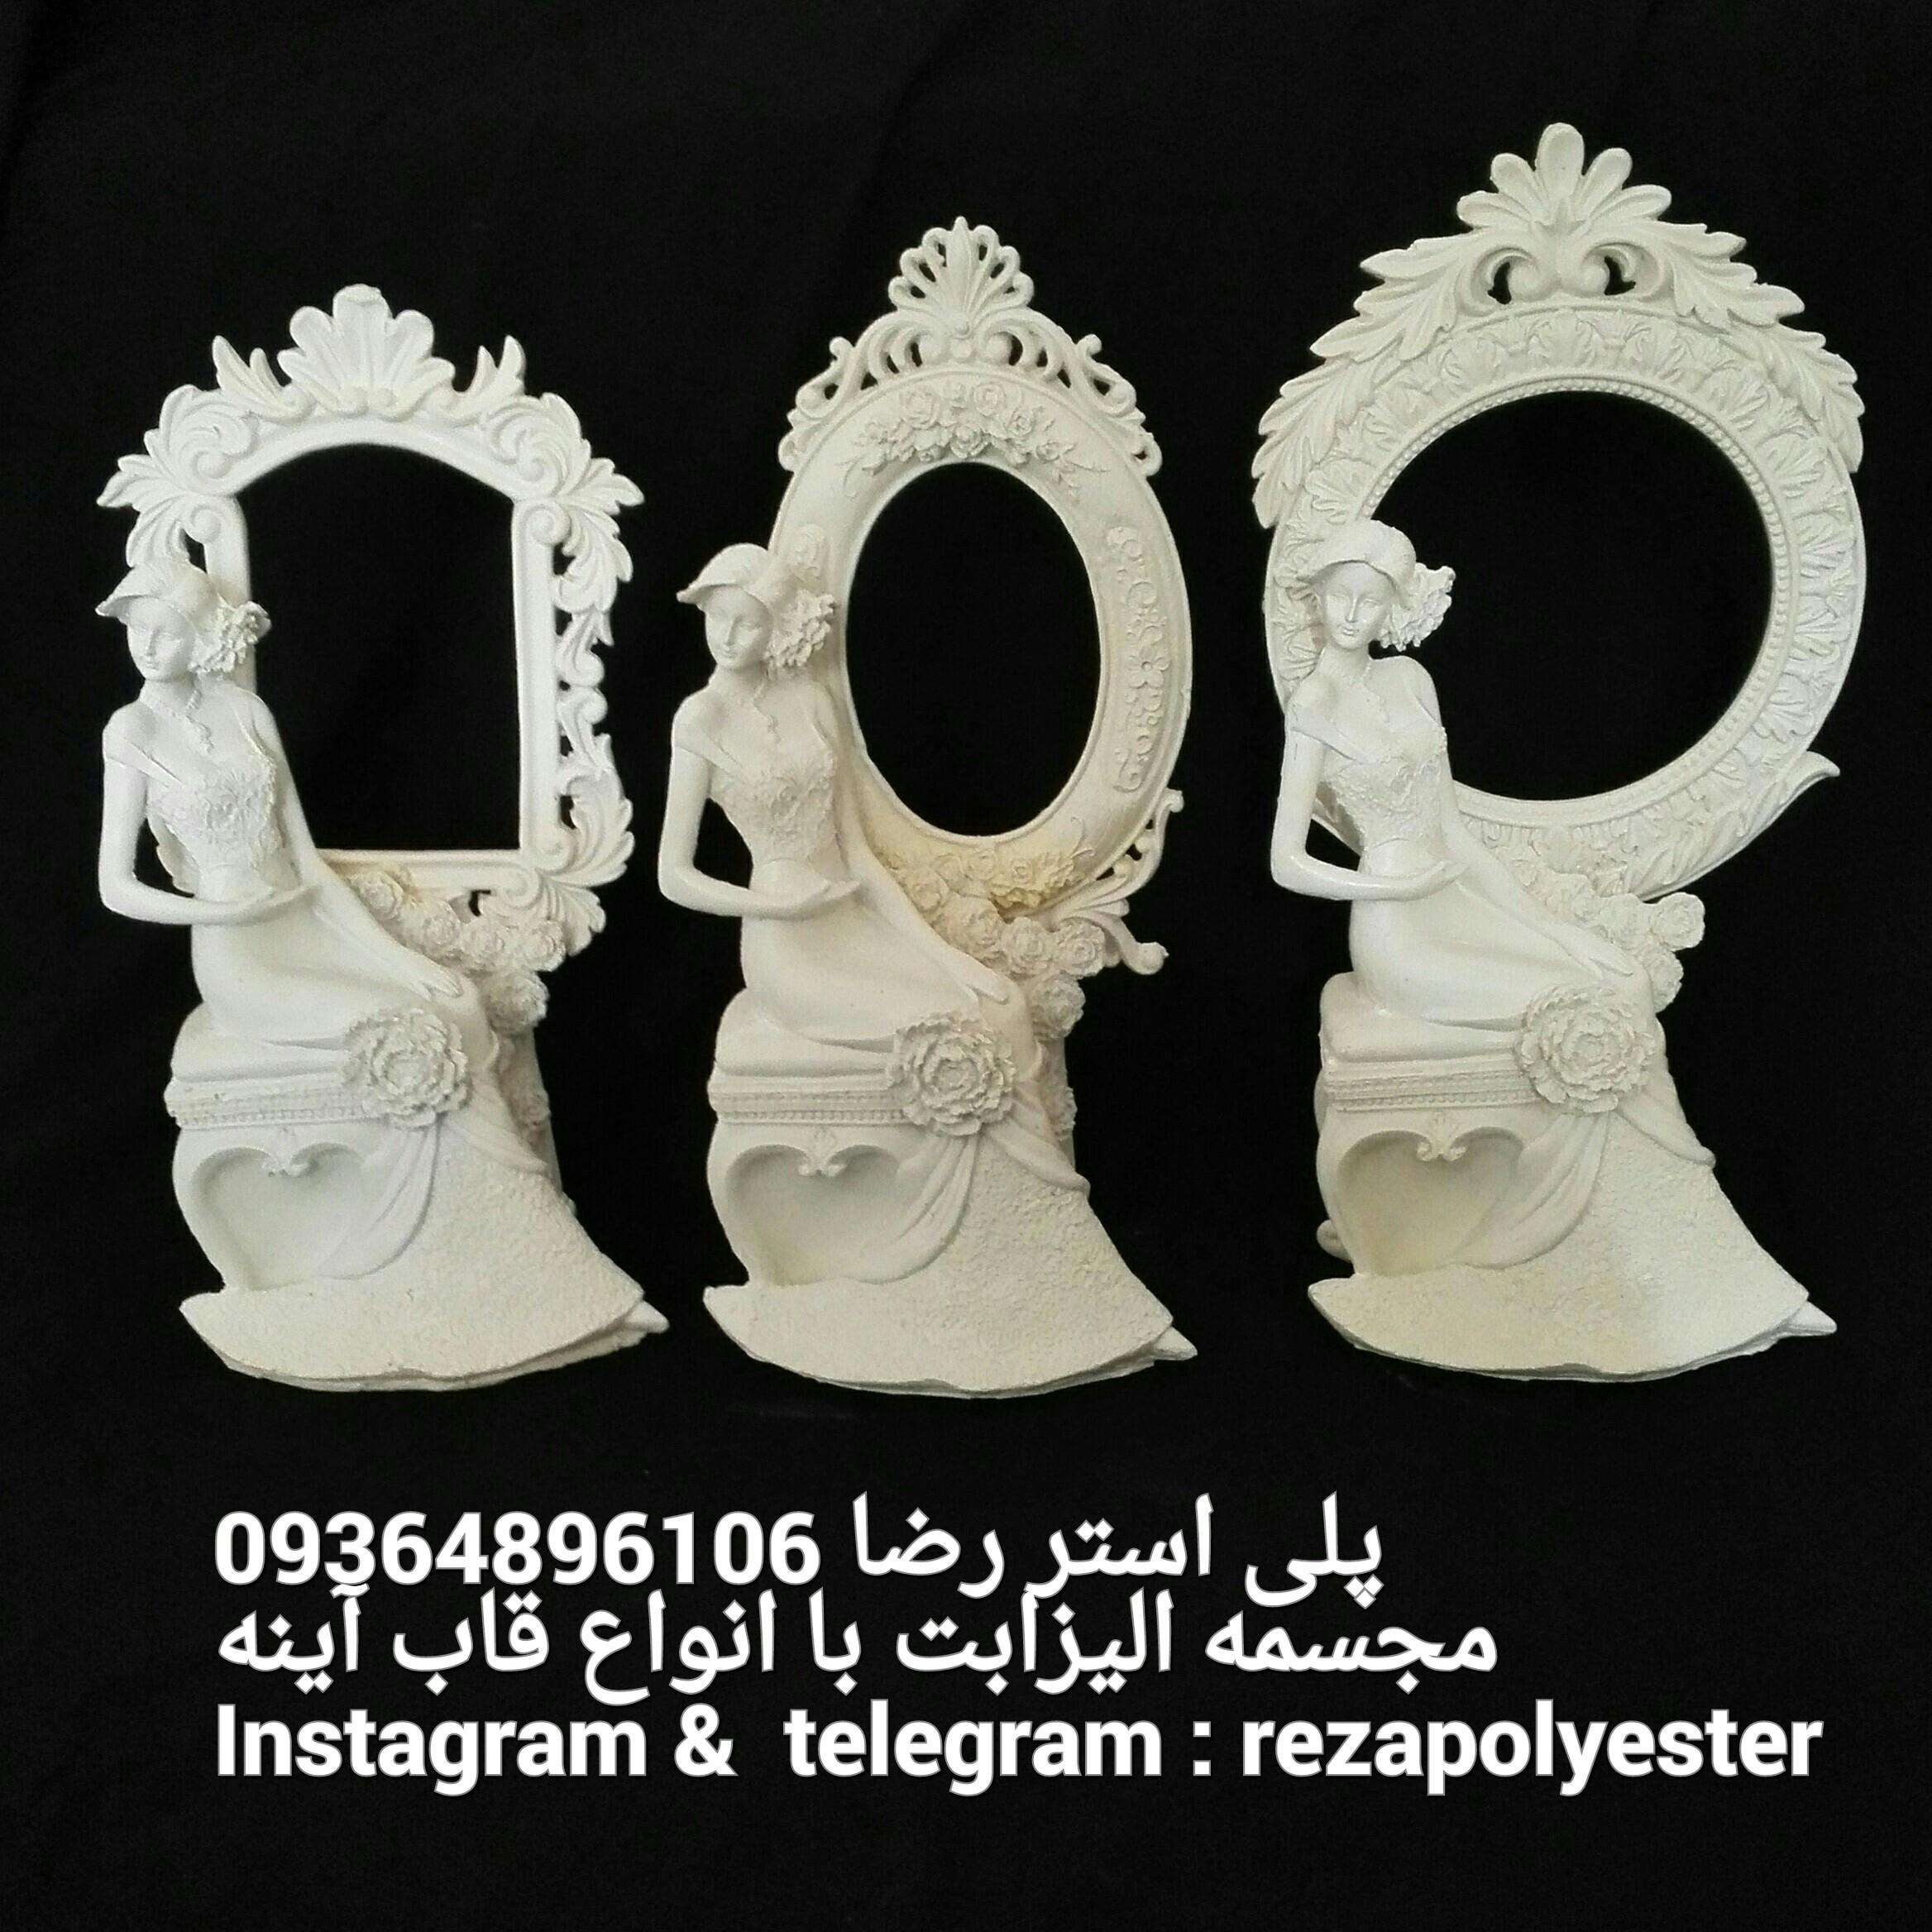 مجسمه الیزابت با قاب آینه